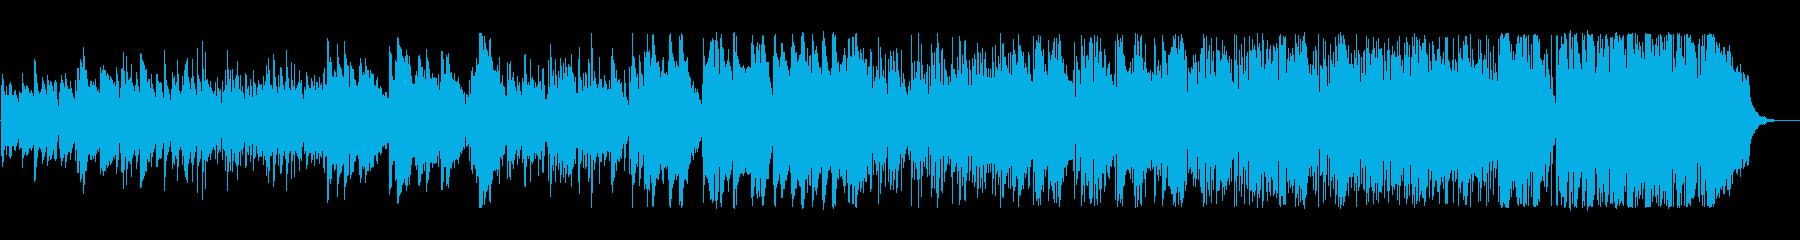 イージーリスニング アクション 静...の再生済みの波形